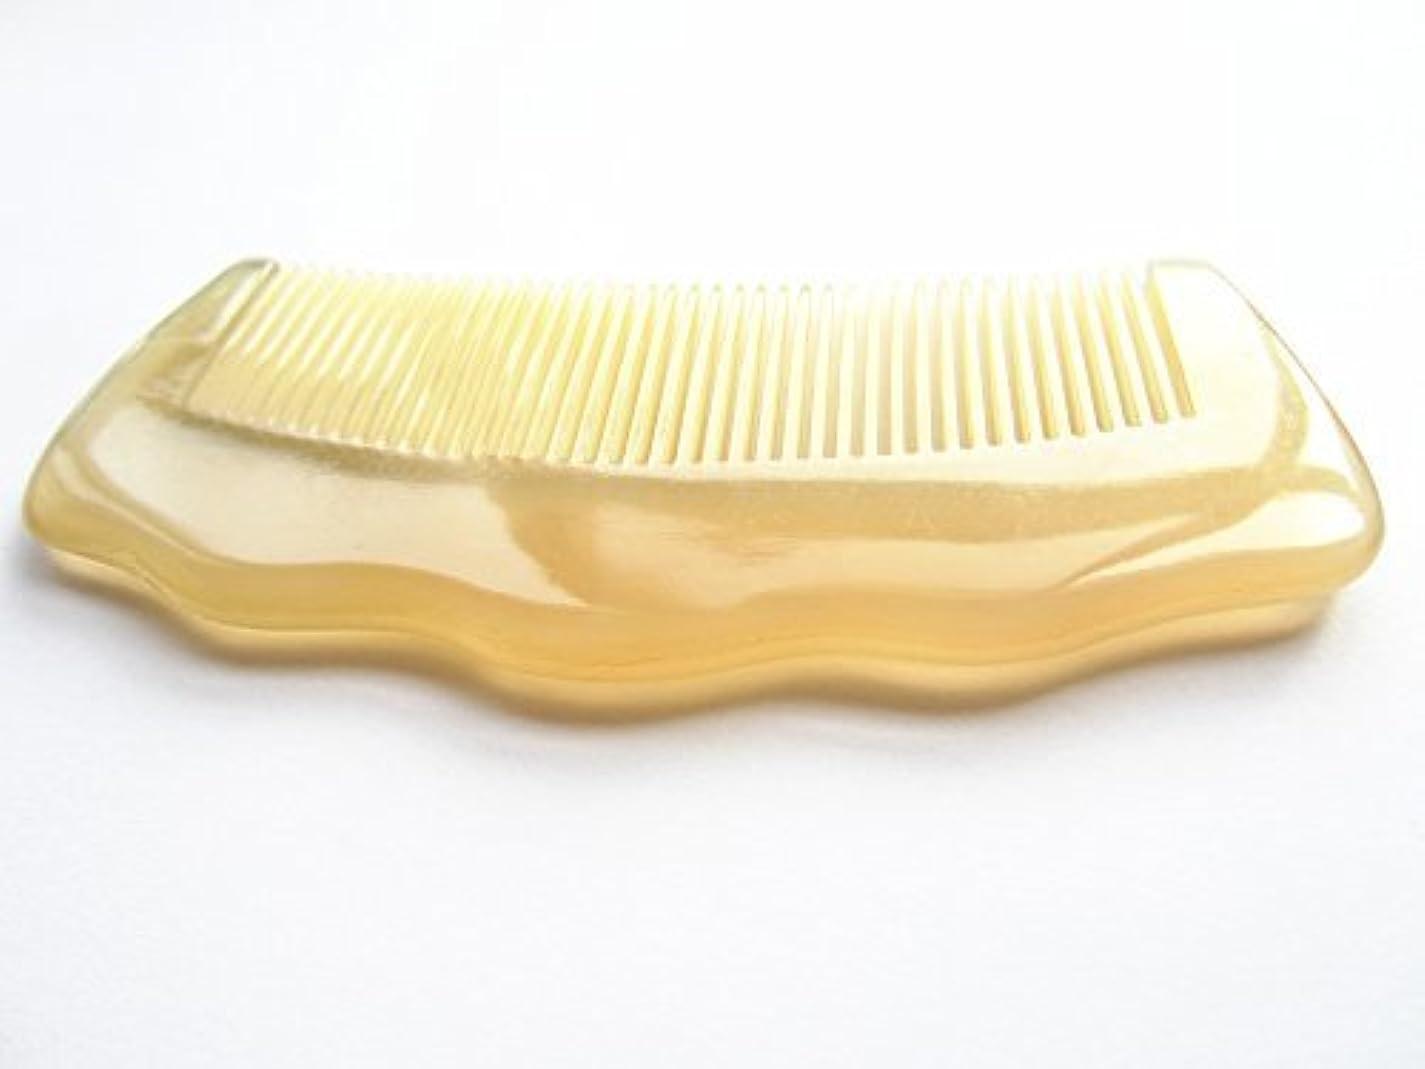 居眠りする特徴地下鉄Myhsmooth Sh-byg-nt 100% Handmade Premium Quality Natural Sheep Horn Comb Without Handle(4.8''Long) [並行輸入品]